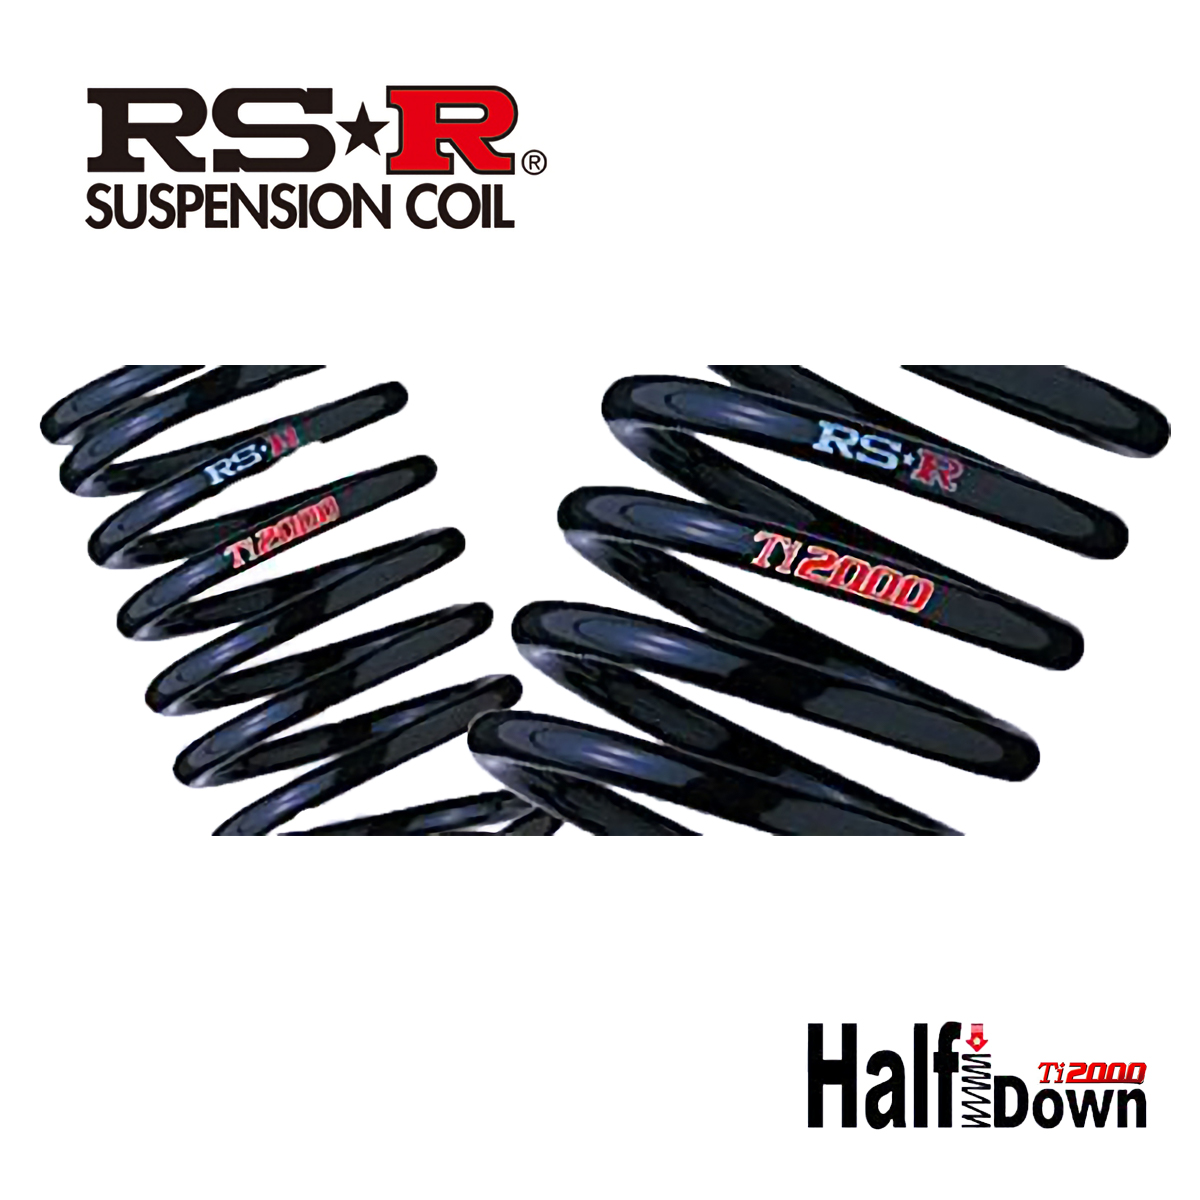 RS-R ハスラー MR52S ハイブリッドG ターボ ダウンサス スプリング フロント S410THDF Ti2000 ハーフダウン RSR 個人宅発送追金有